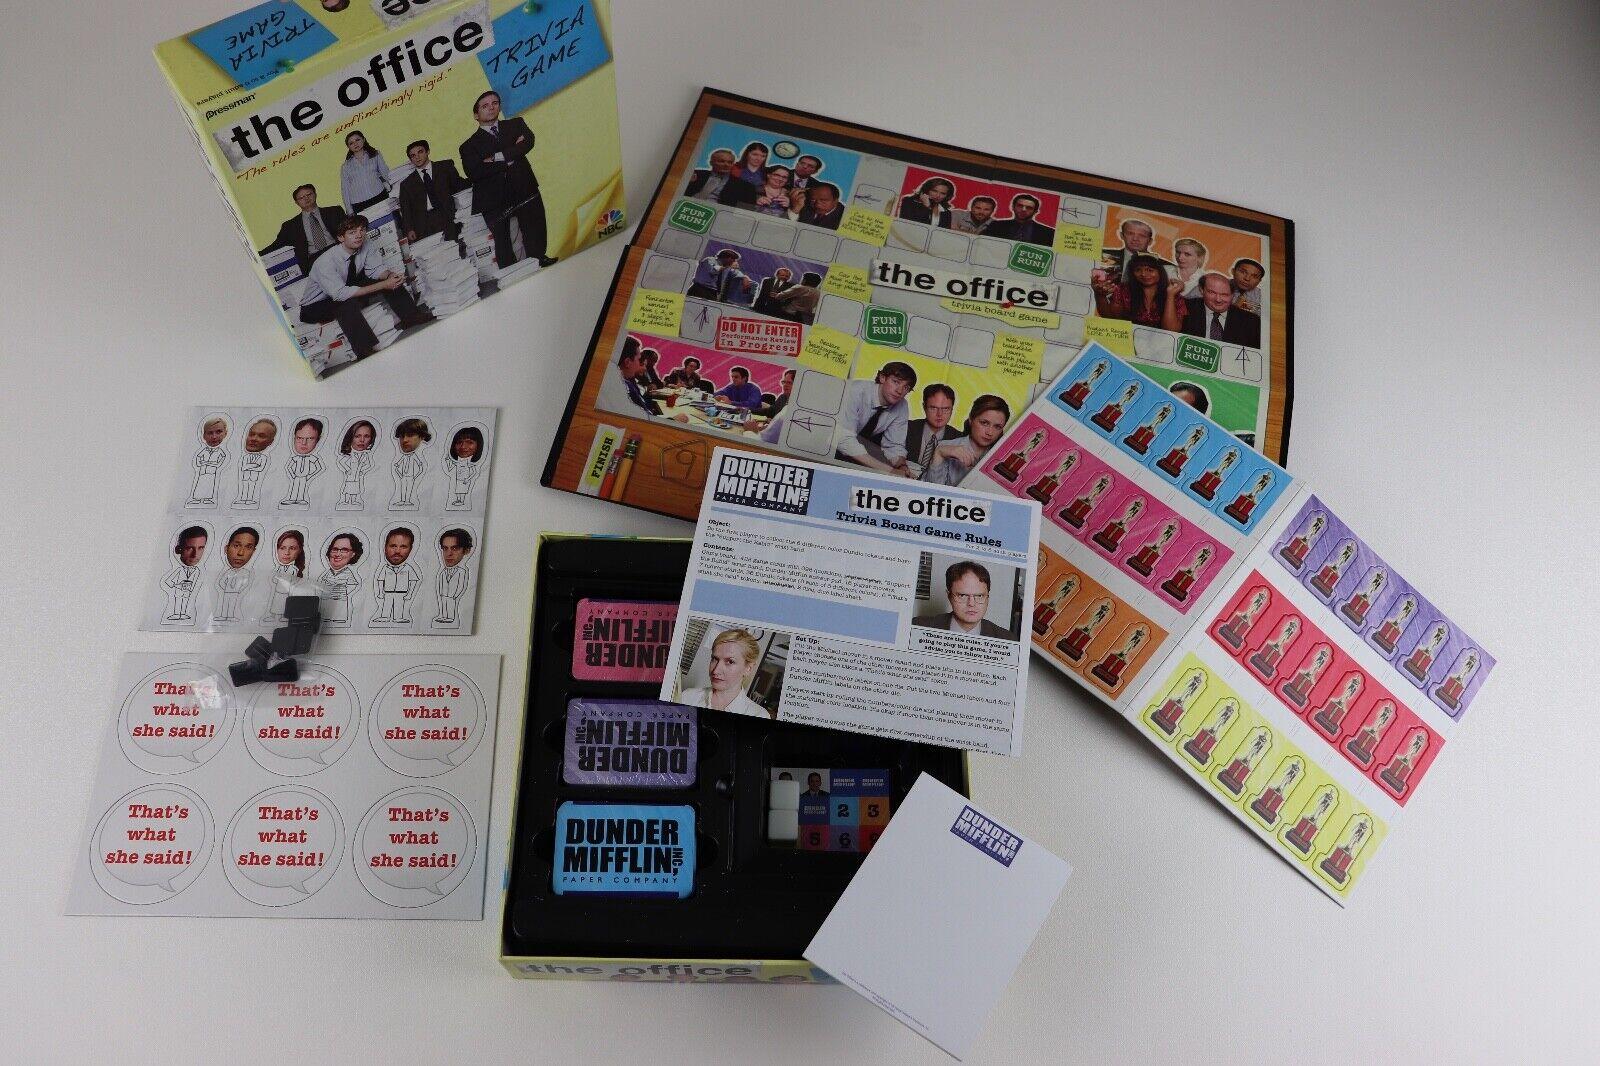 The Office Trivia tavola  gioco Pressuomo 2008 NBC TV mostrare 100% completare gituttio scatola  vendita online